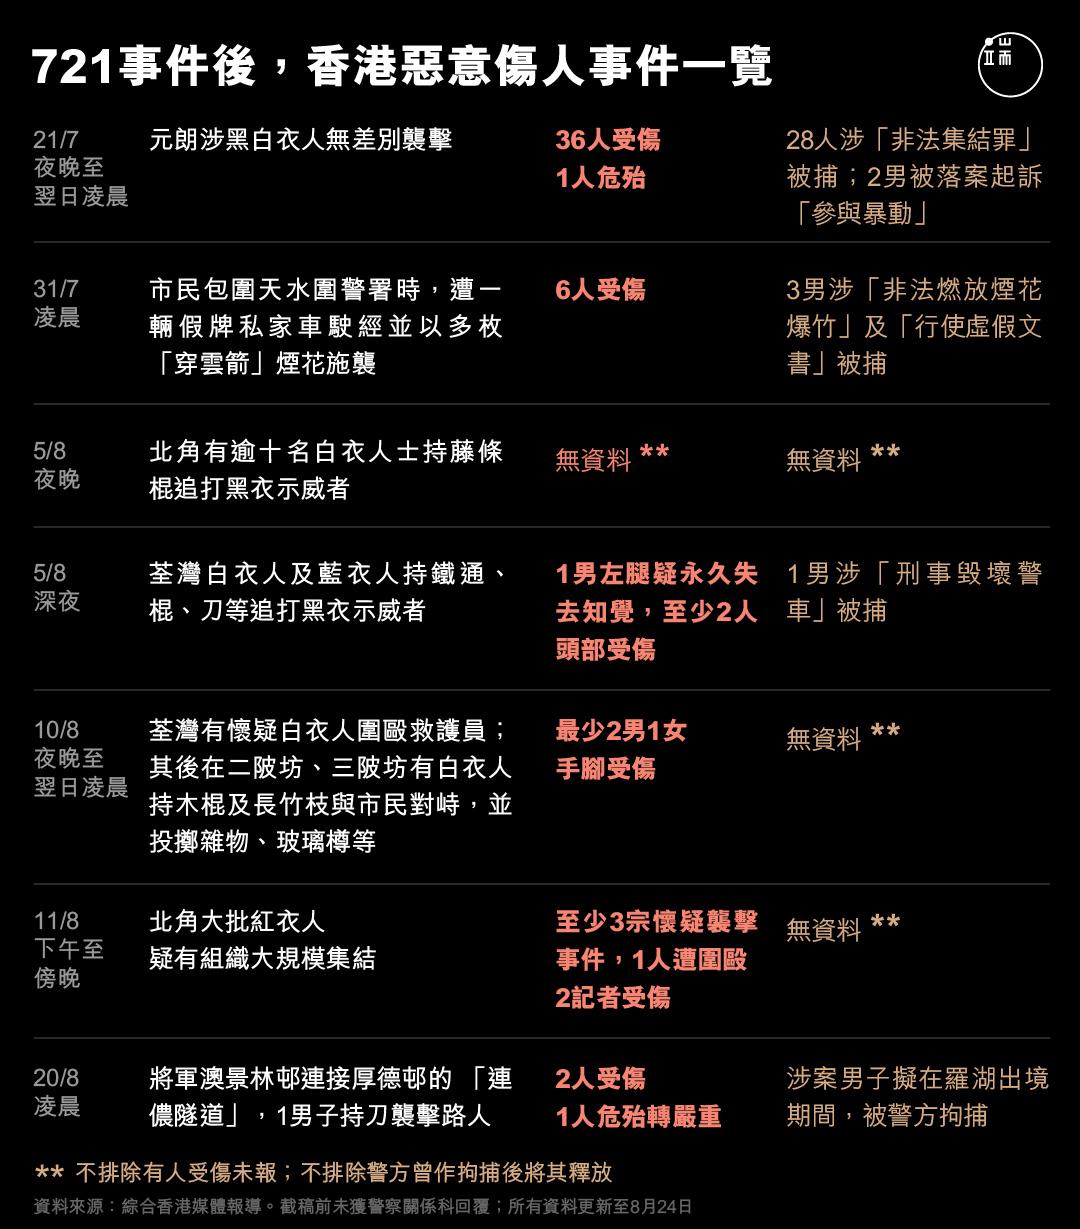 721事件後,香港惡意傷人事件一覽。